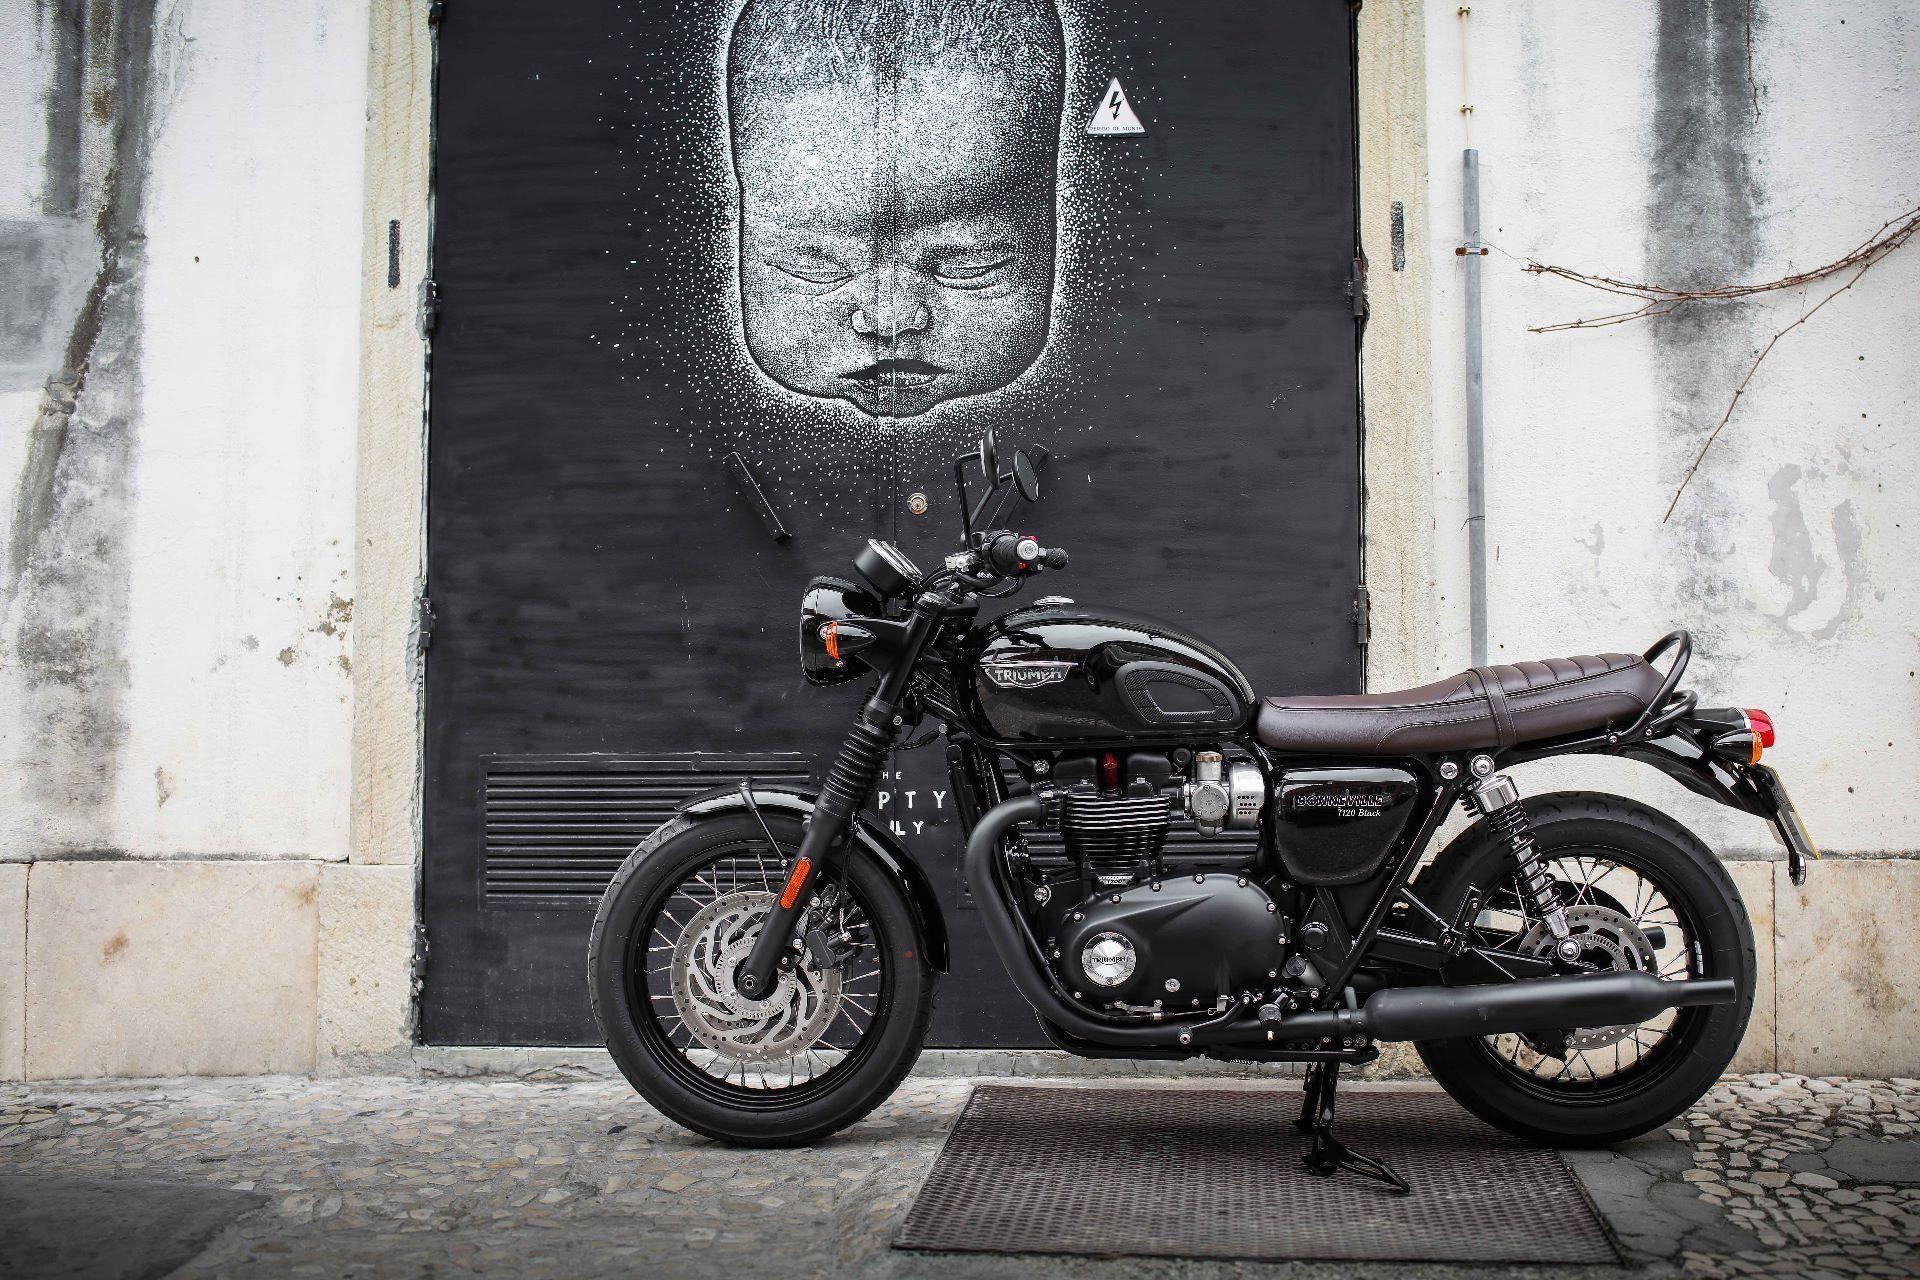 Motorrad Mieten Triumph Bonneville T120 1200 Abs Moto 91 Ag Höri